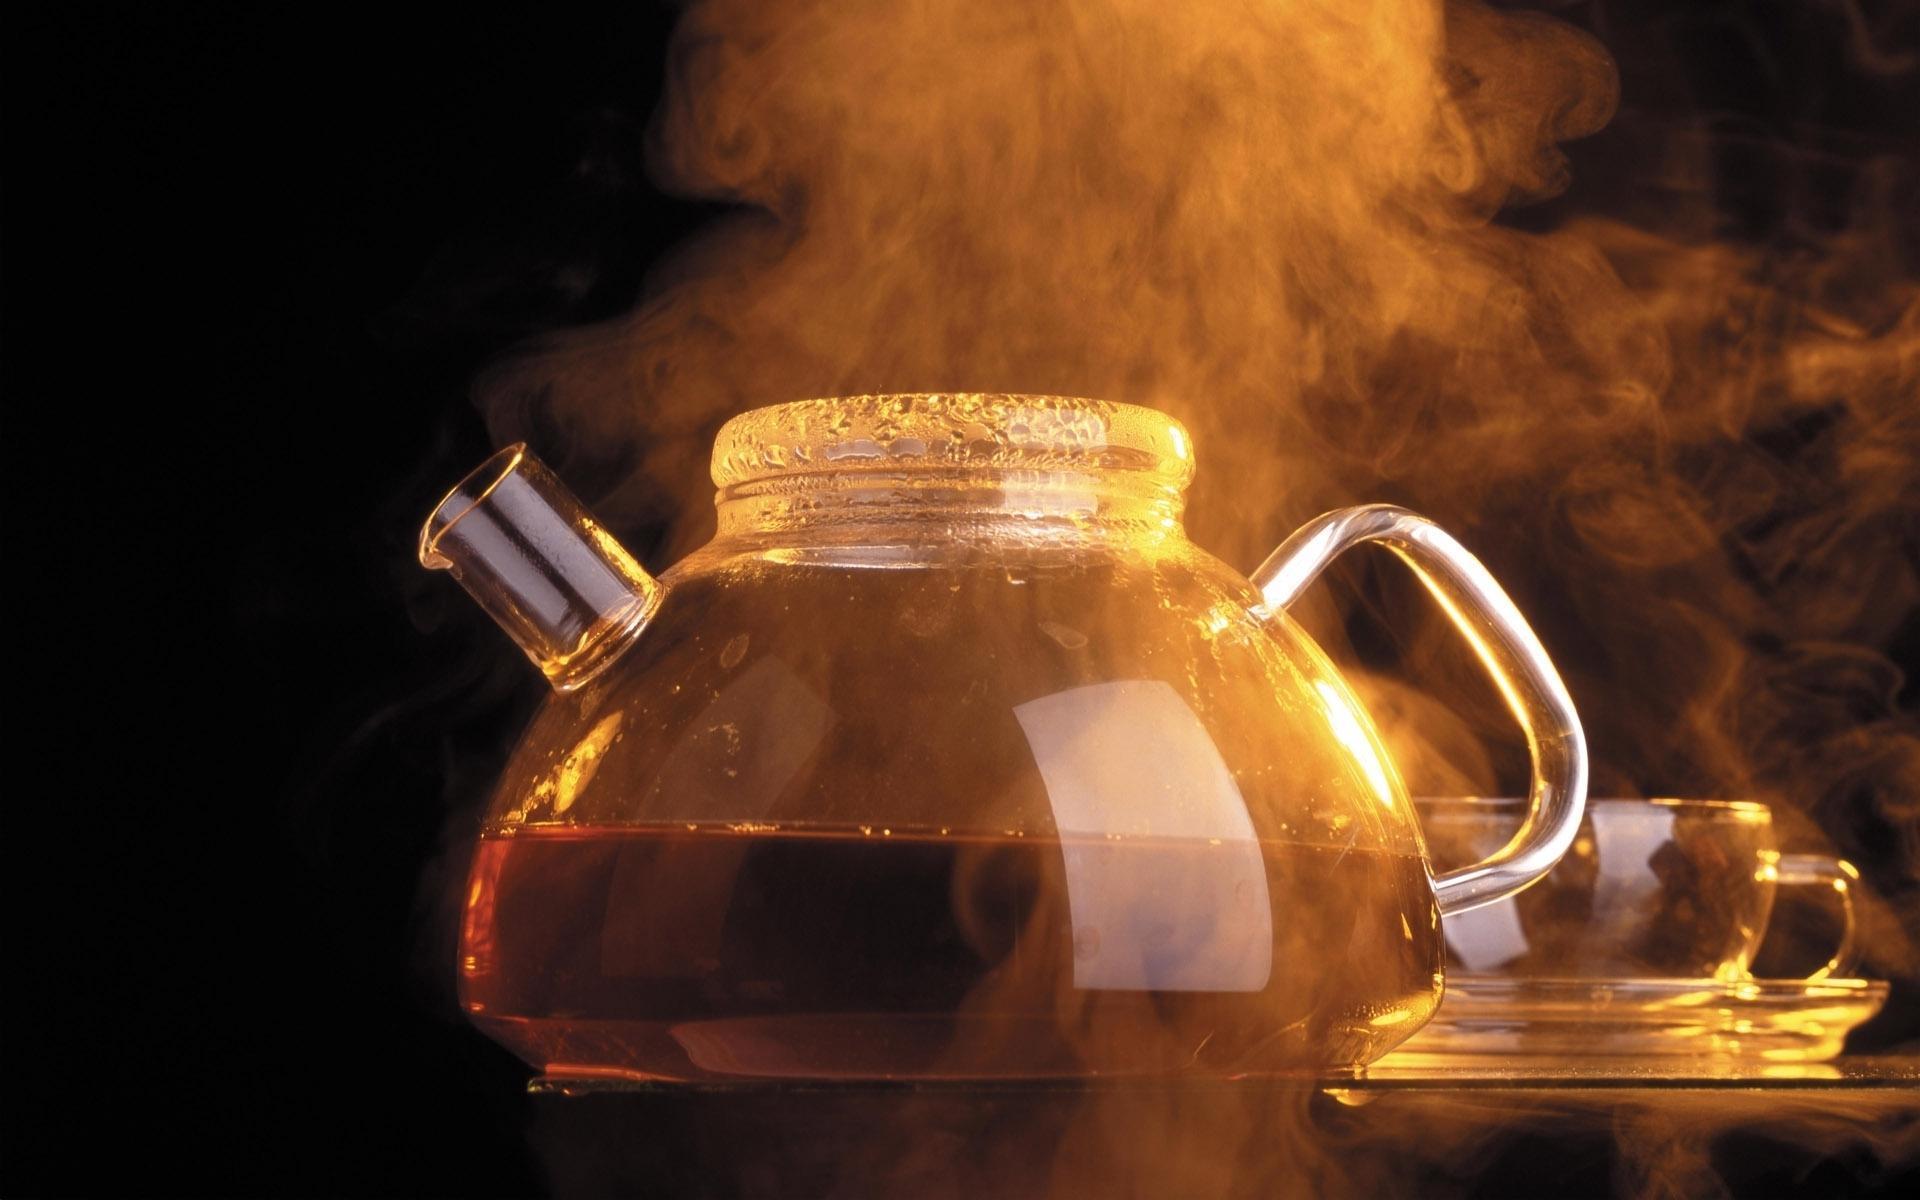 Чай с температурой выше 60 градусов связали с раком пищевода